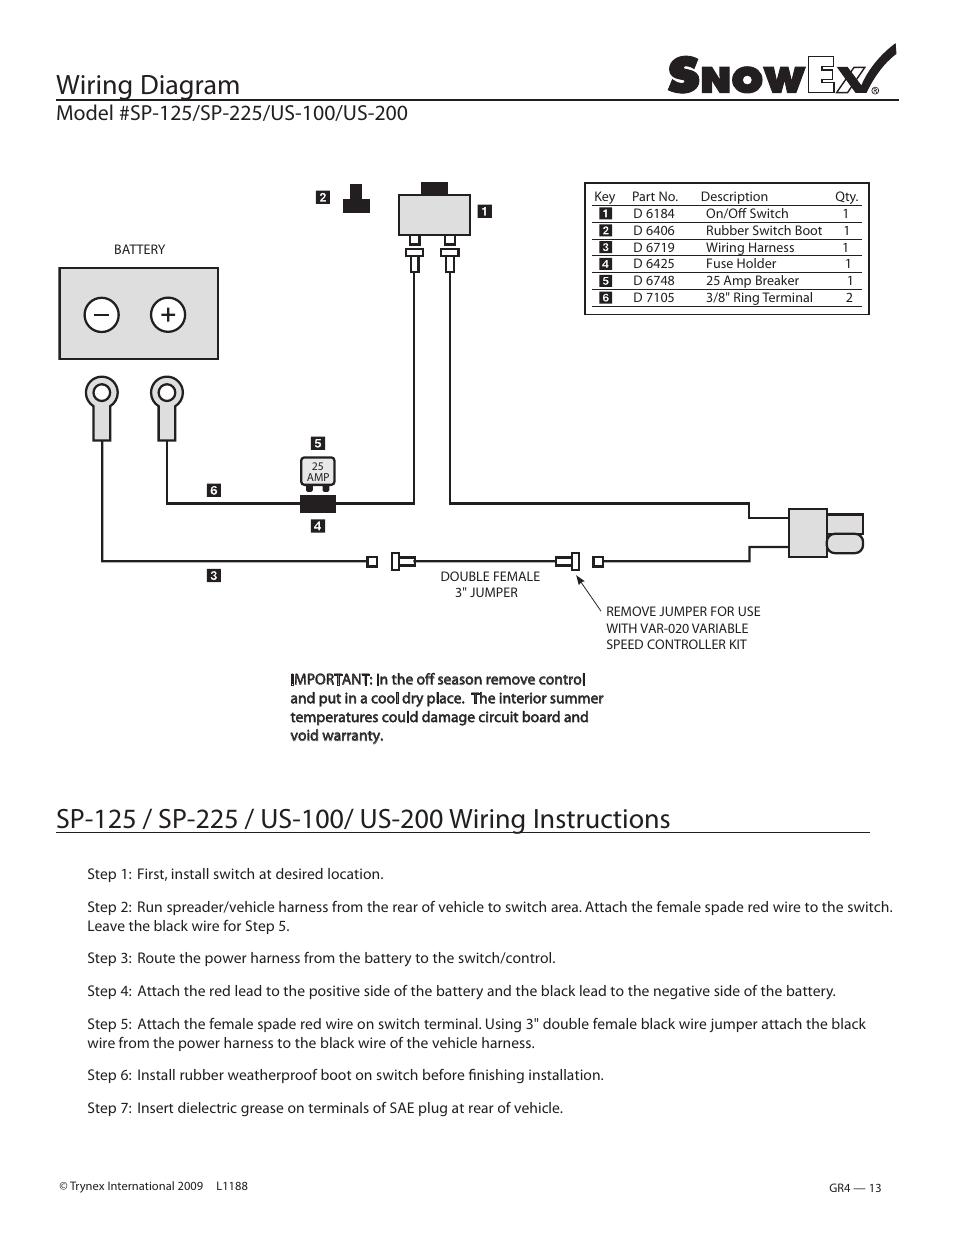 Snowex Salt Spreader Wiring Diagram Daewoo Matiz Wiring Diagram Free Download For Wiring Diagram Schematics